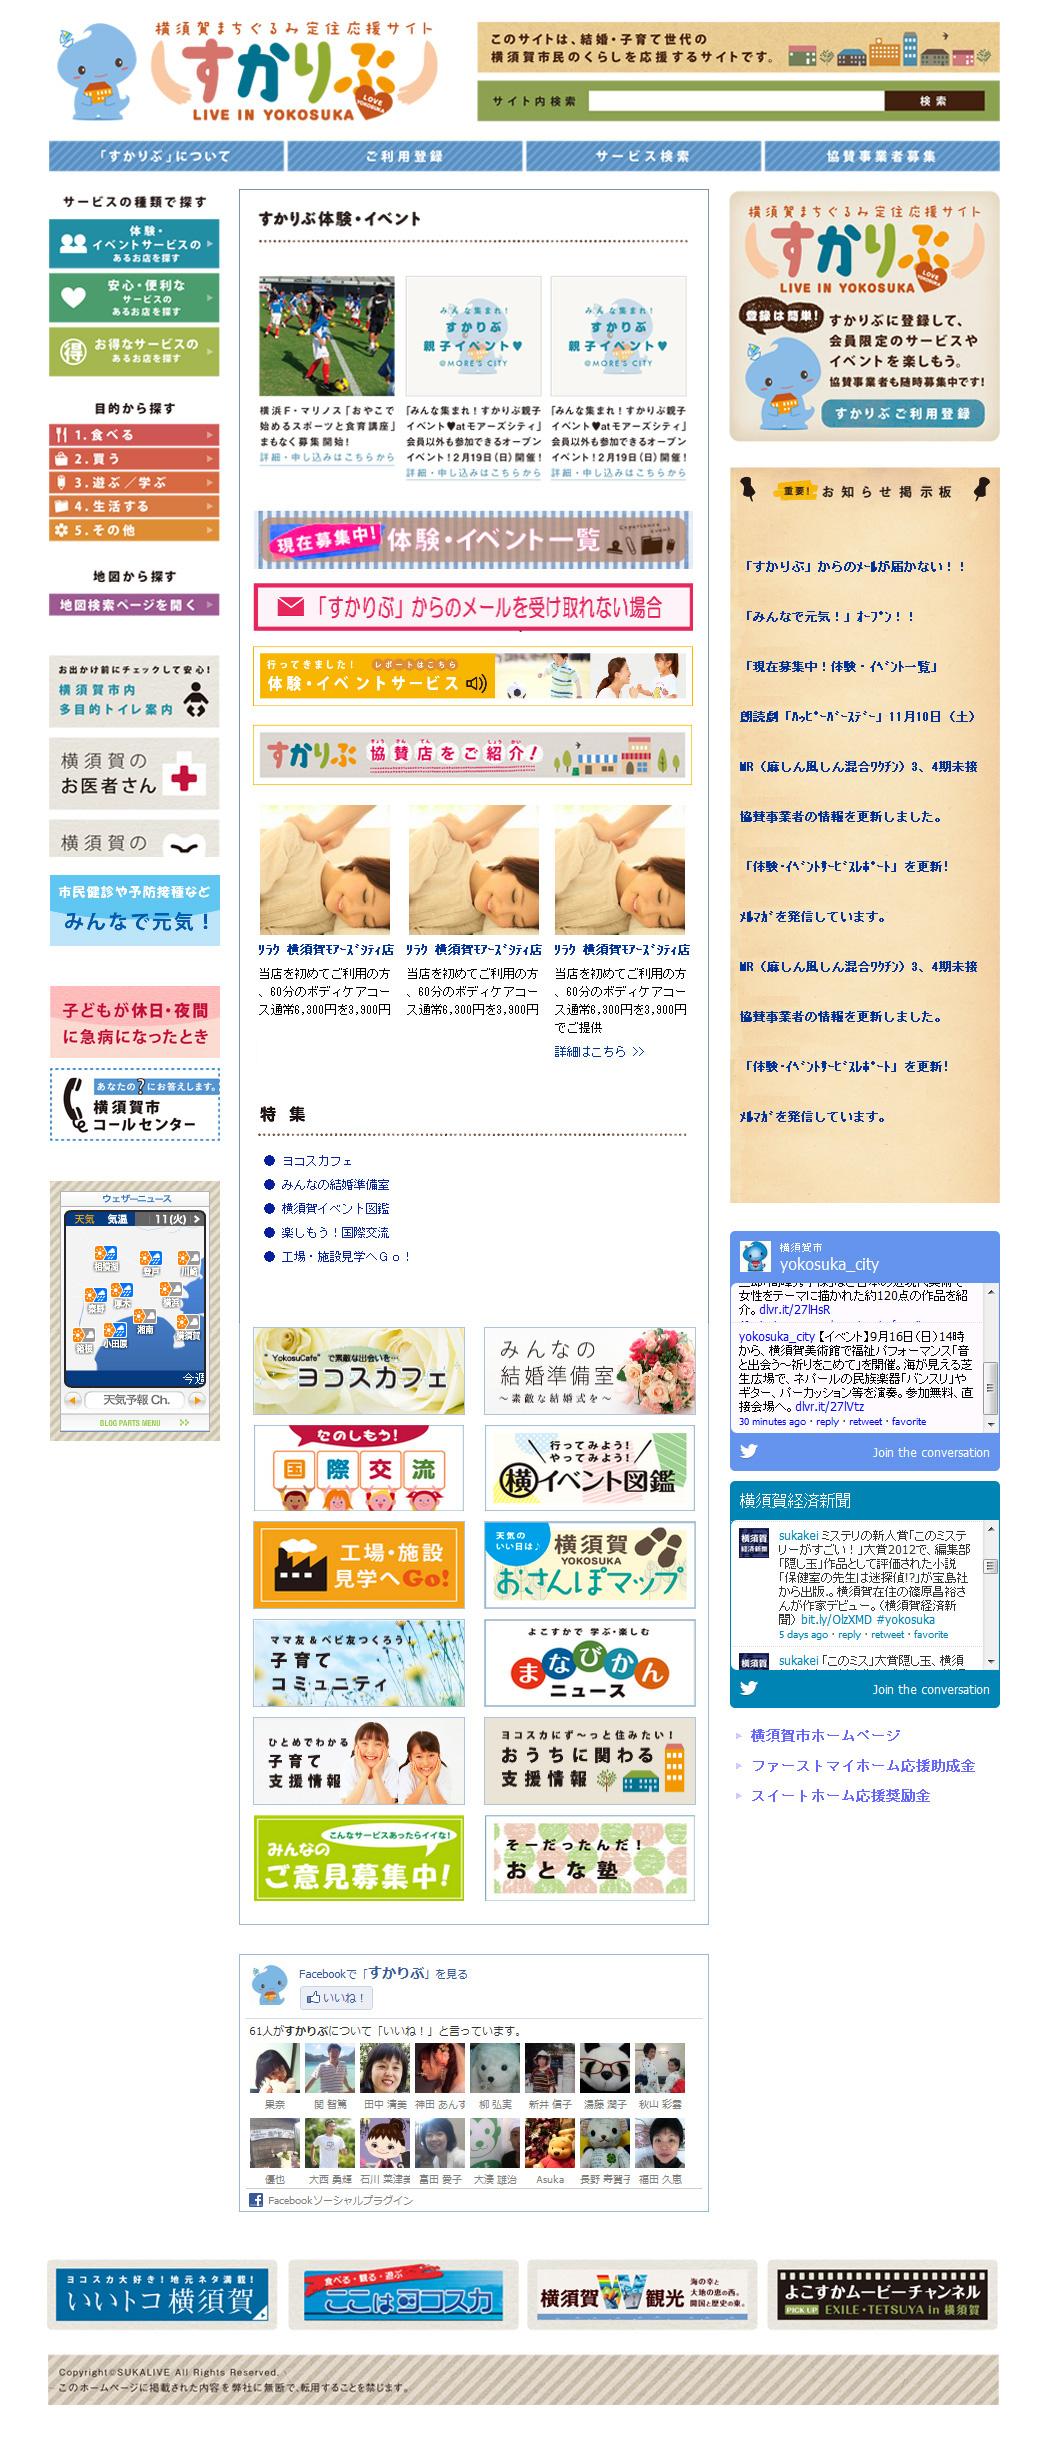 ホームページ画面01_横須賀市 すかりぶ